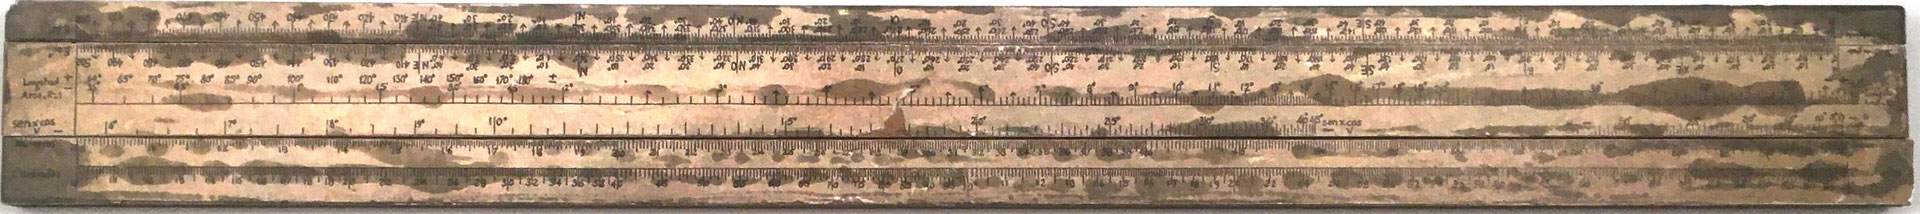 Prototipo hecho en metal para la Primitiva Regla Topográfica española marca CONDE (modelo 1), 1650 gr de peso, 43x4.5 cm